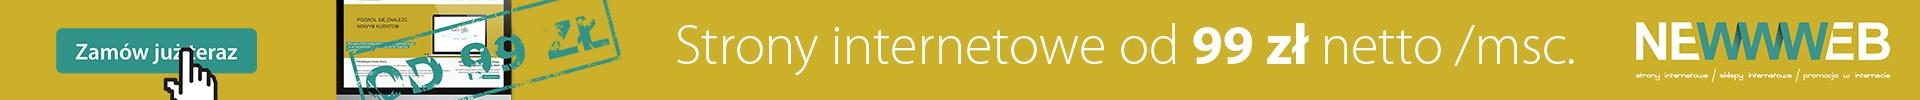 NEWWWEB - lepsza strona sieci - strony internetowe | sklepy internetowe | promocja w internecie